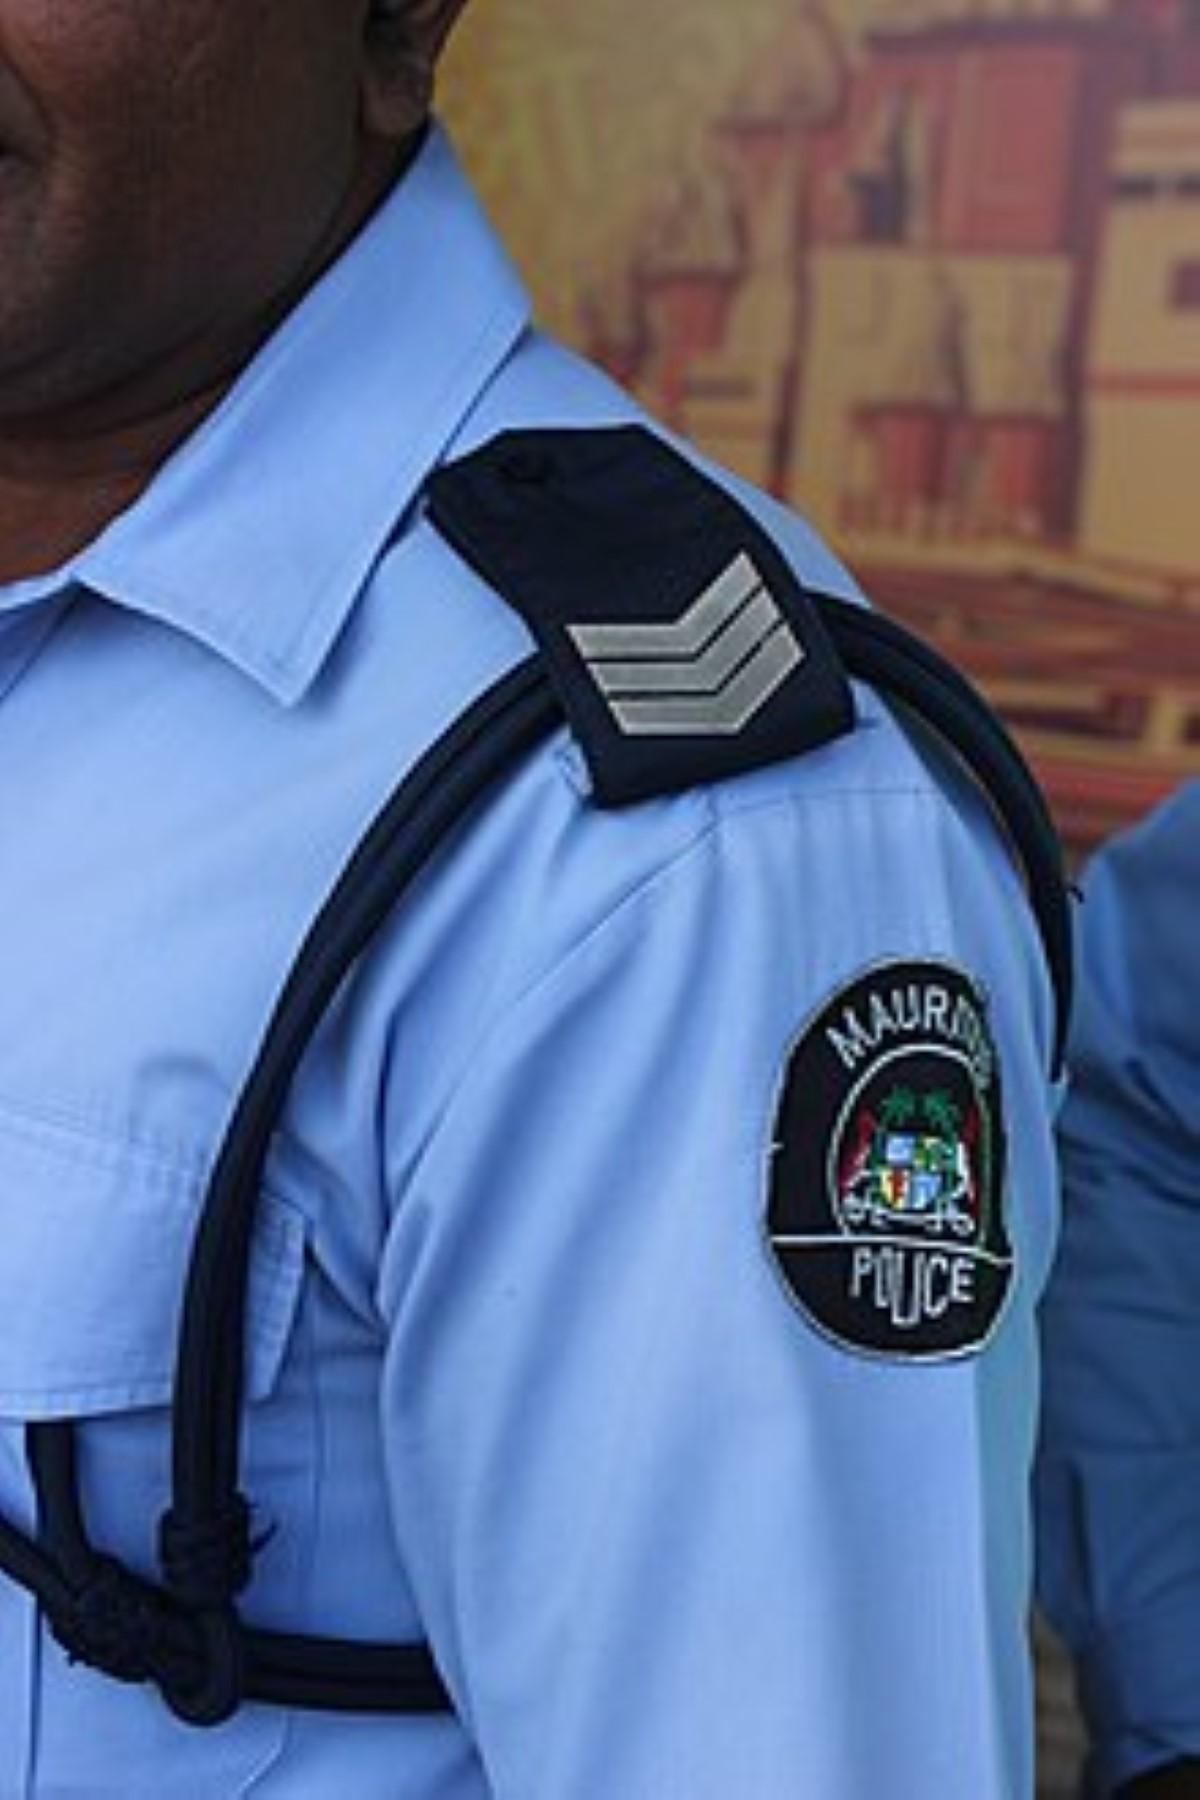 Scandale Telegram : Le policier Baker soutient avoir égaré son portable